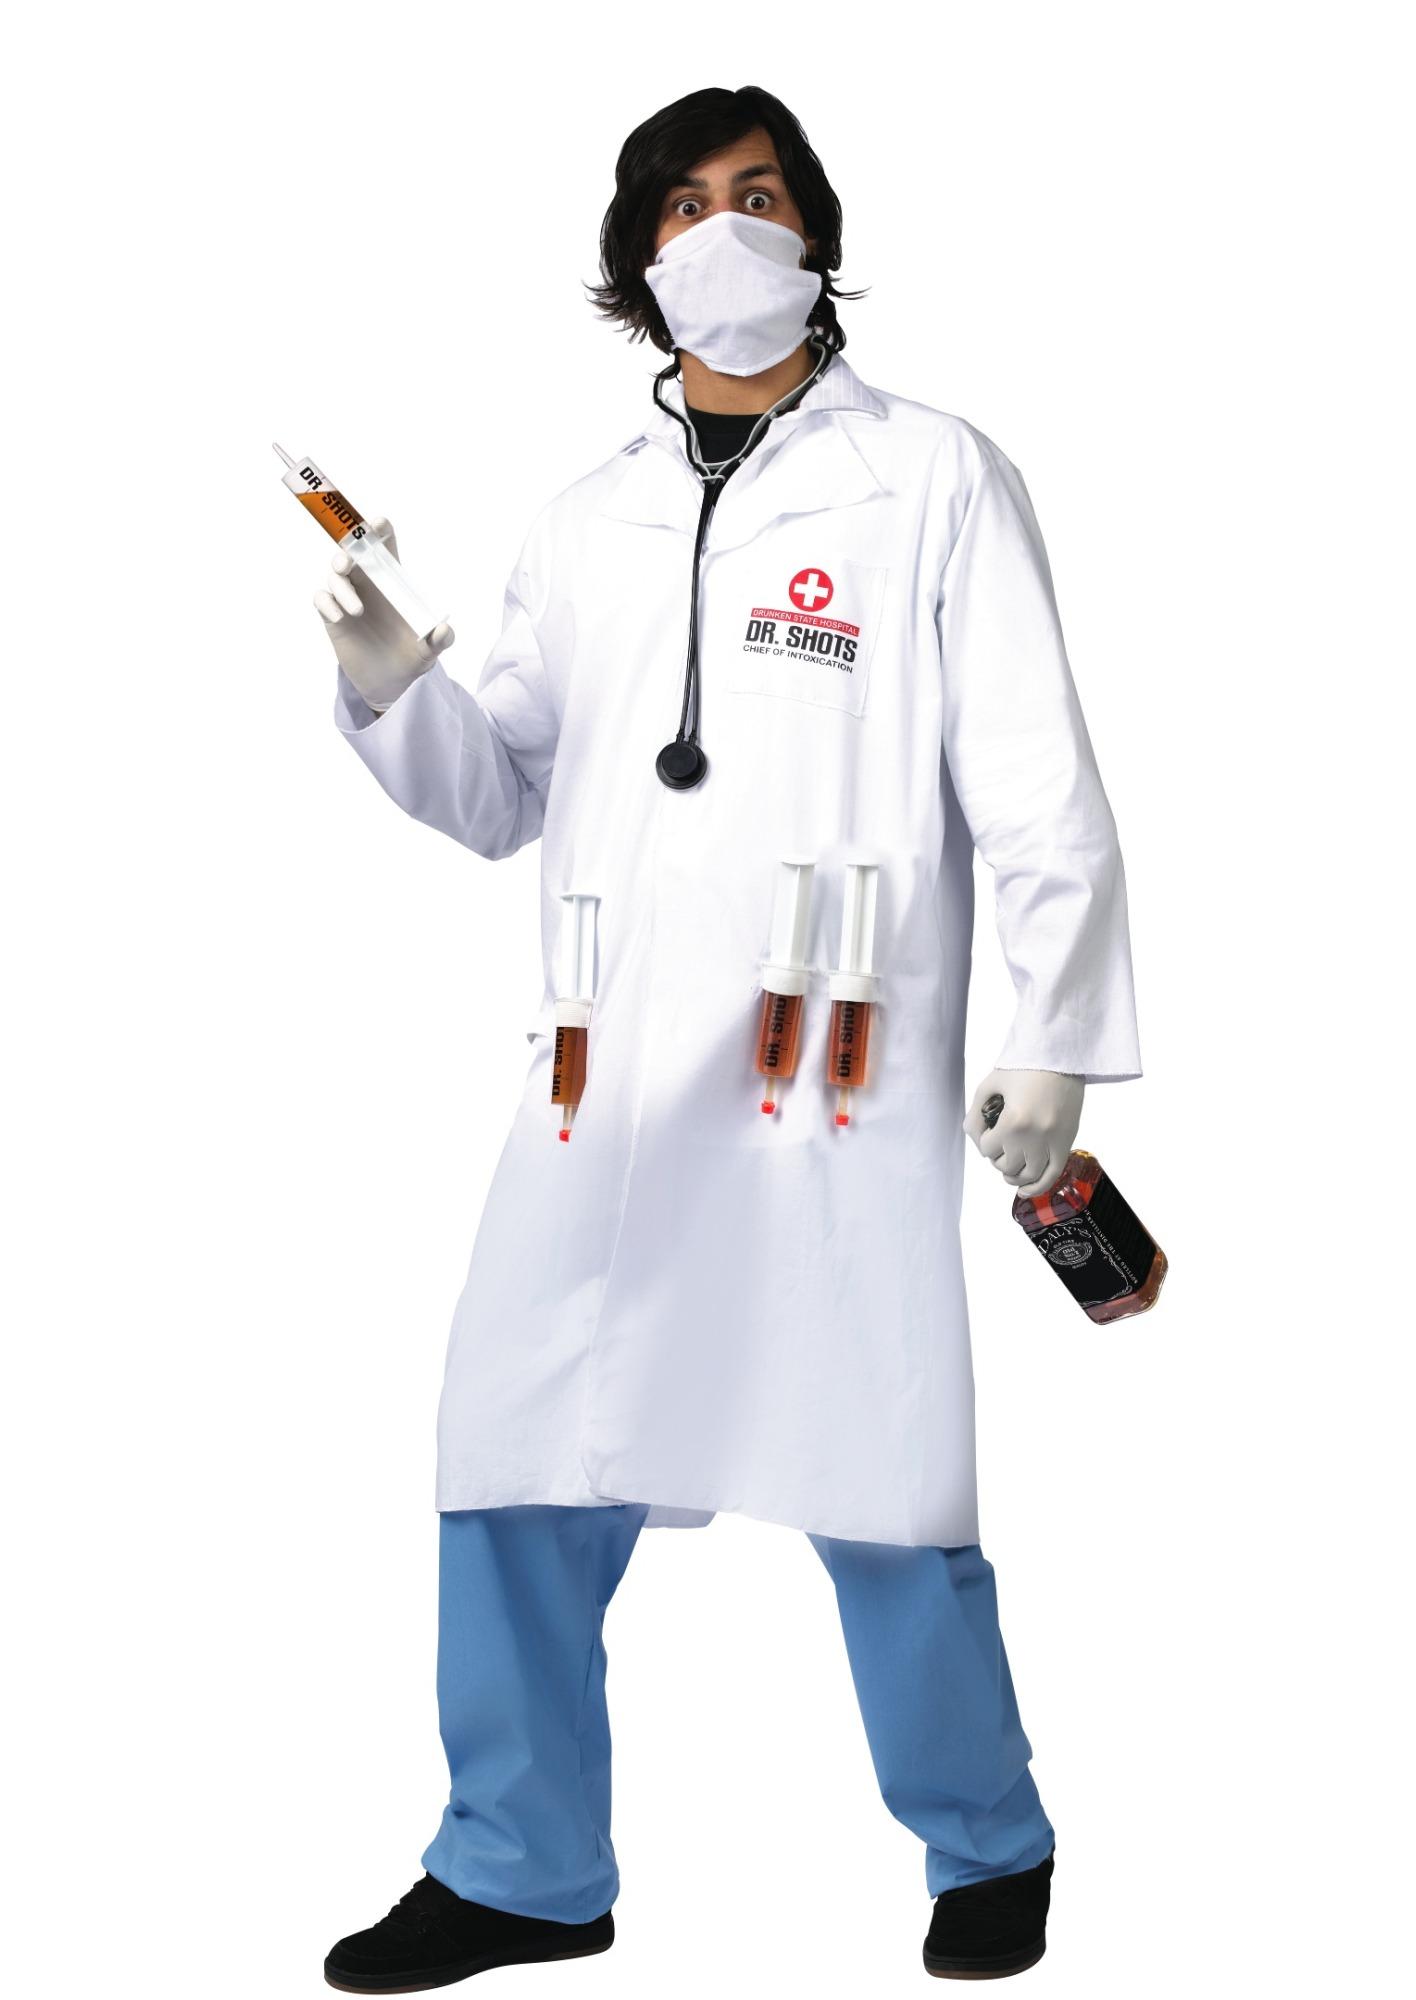 Dr Shots Costume